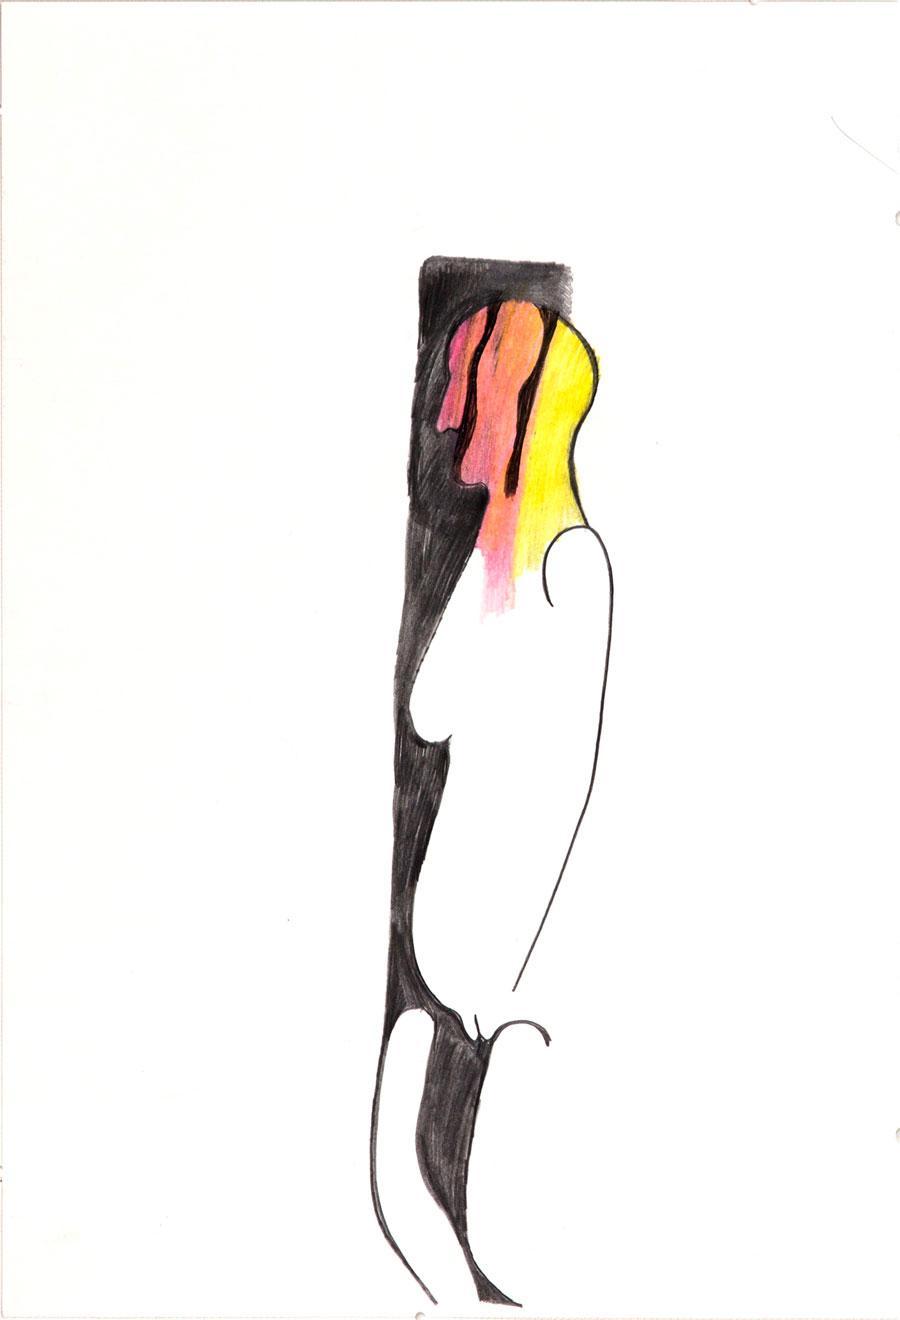 """""""ROTE FRAU"""", 1997, 44 x 30 cm, Buntstift auf Papier"""